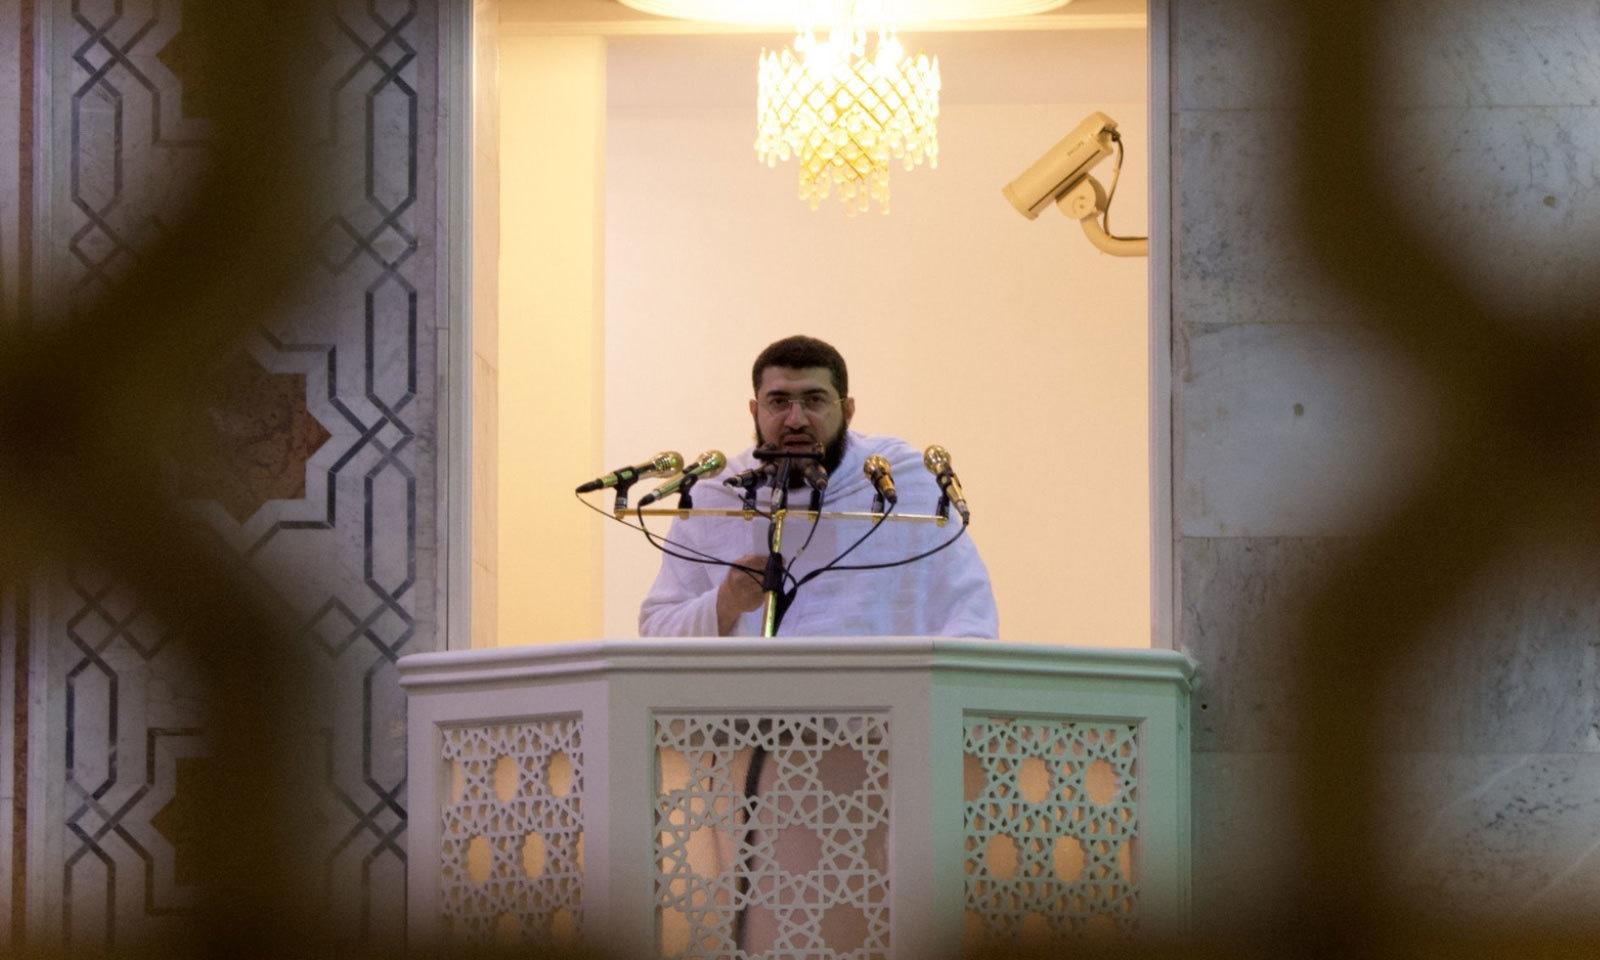 شیخ بندر بن عبد العزيز بليلہ نے مسجد نمرہ میں خطبہ حج دیا—فوٹو: بشکریہ حرمین شریفین ٹوئٹر